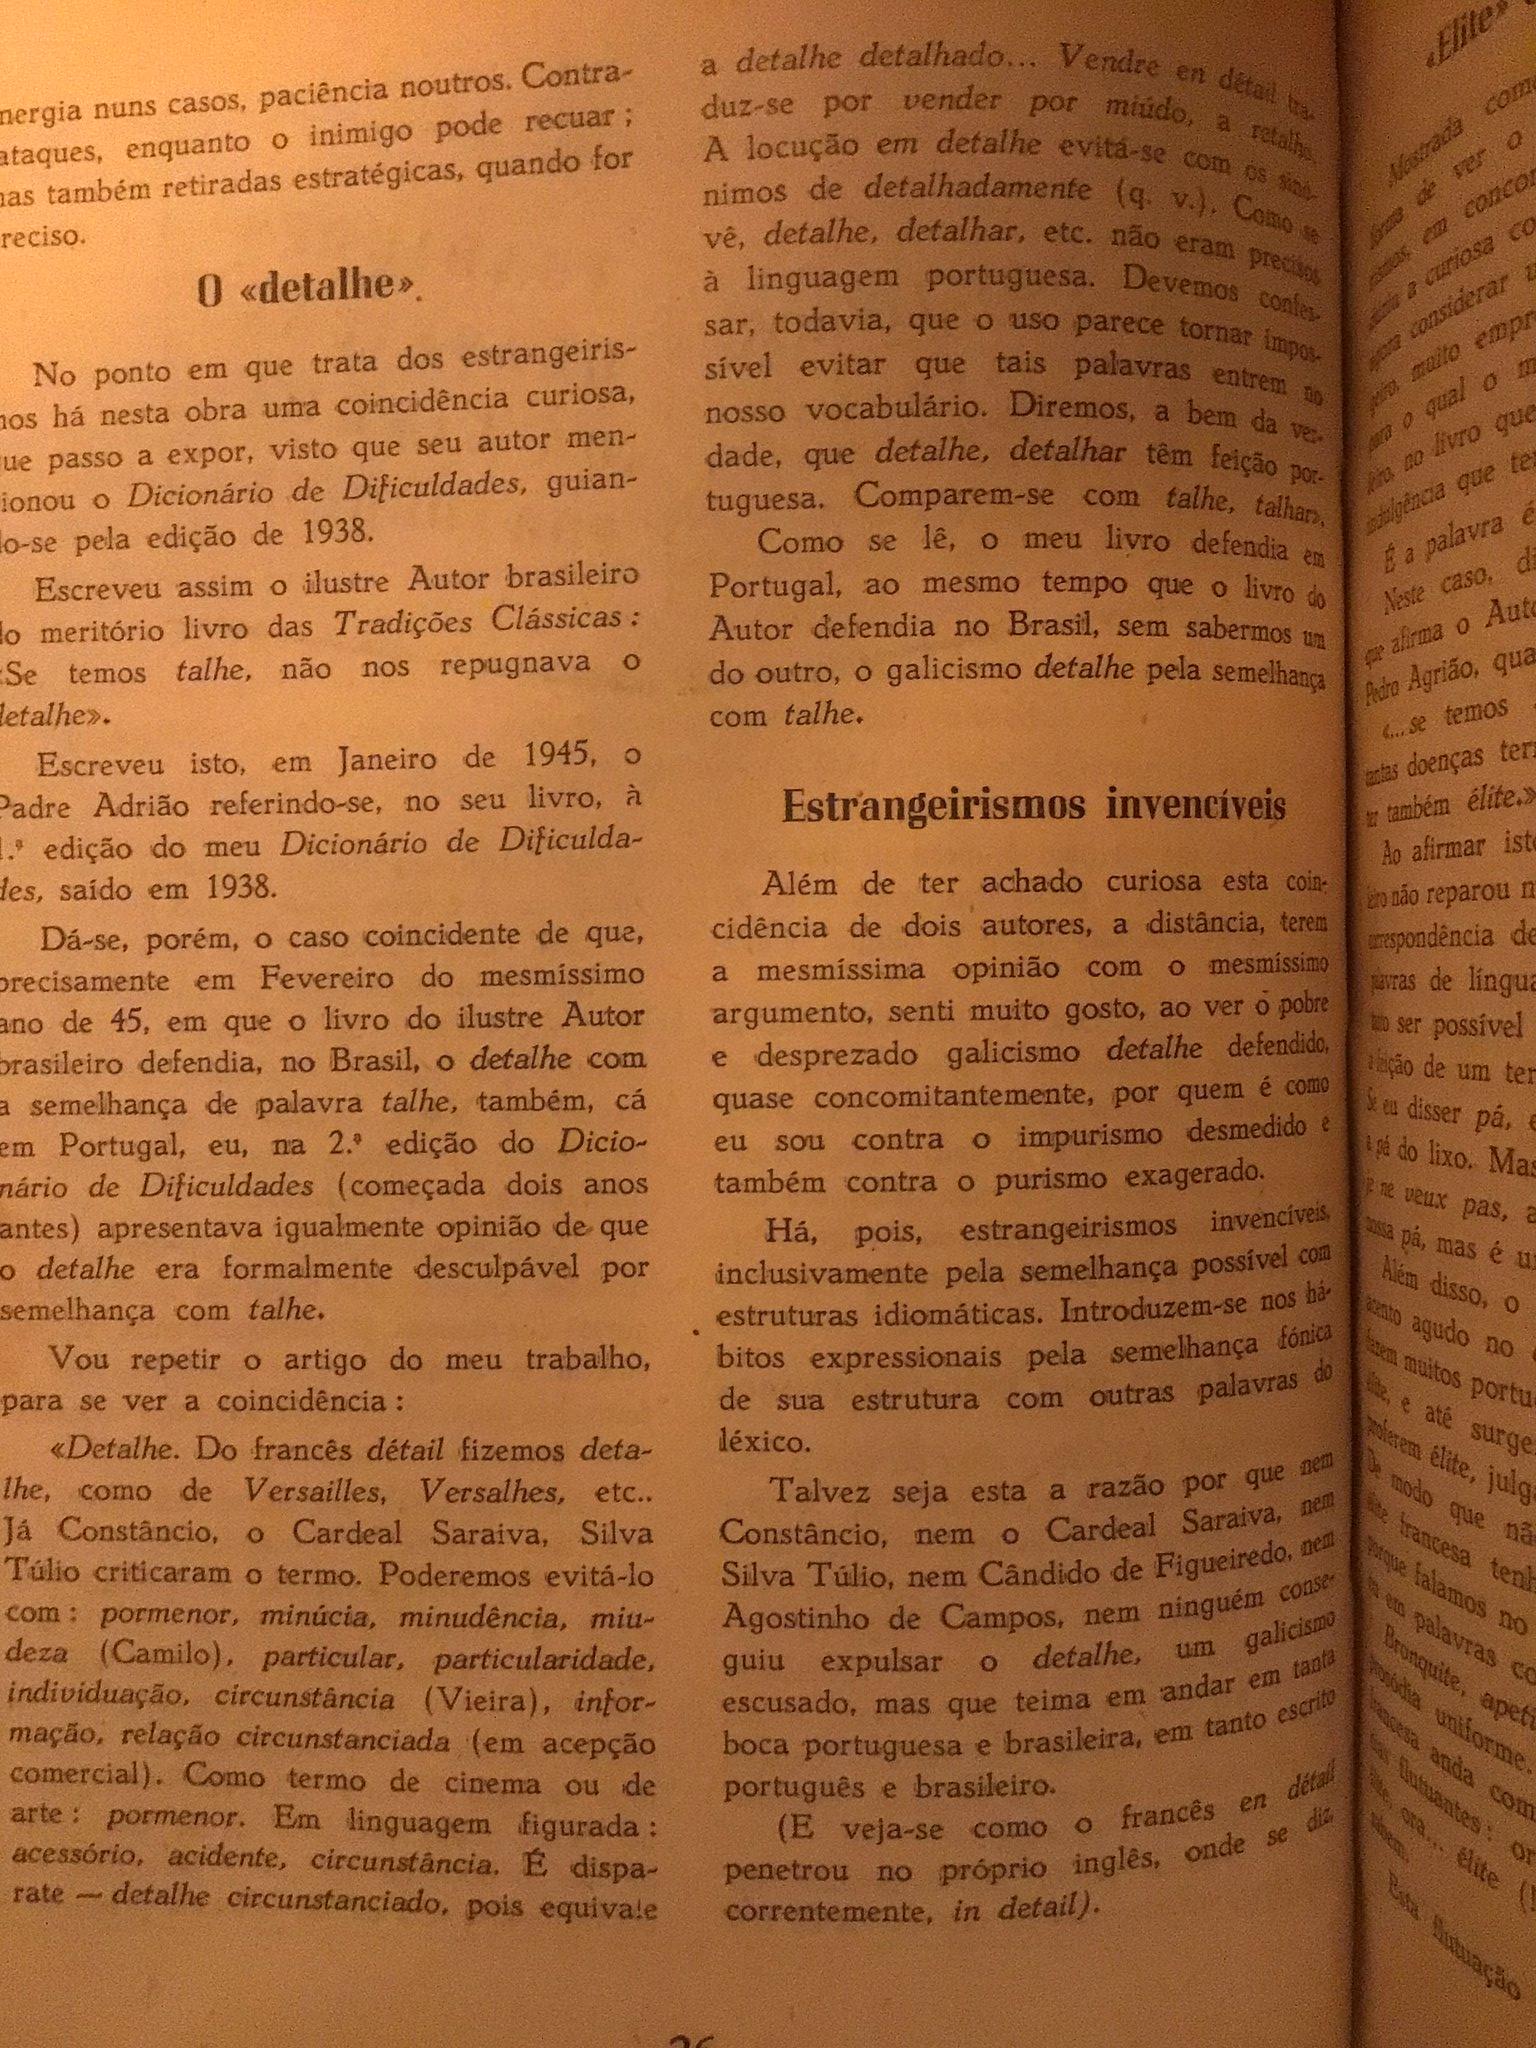 """O """"detalhe""""», in «A Bem da Língua Portuguesa», n.º 3, Janeiro de 1950"""